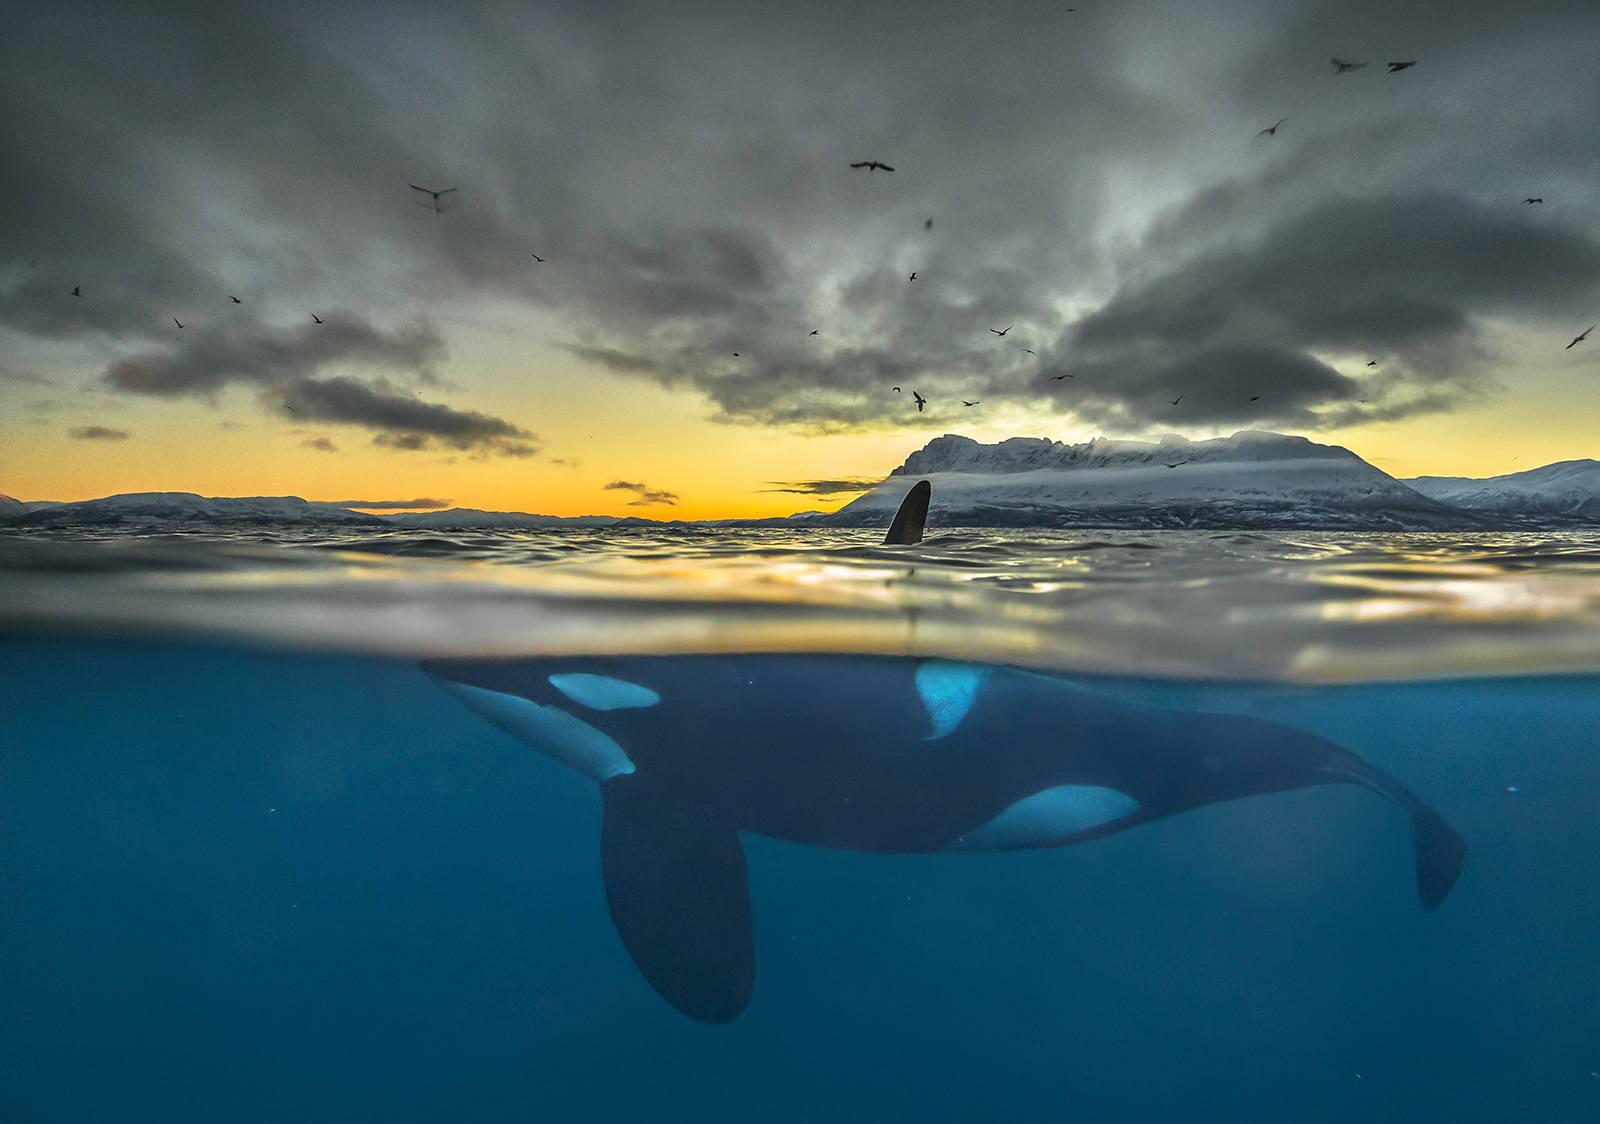 VERDENSKJENTE MOTIVER: Audun Rikardsen er særlig kjent for sine undervannsfotografier, her av en spekkhogger. Foto: Audun Rikardsen